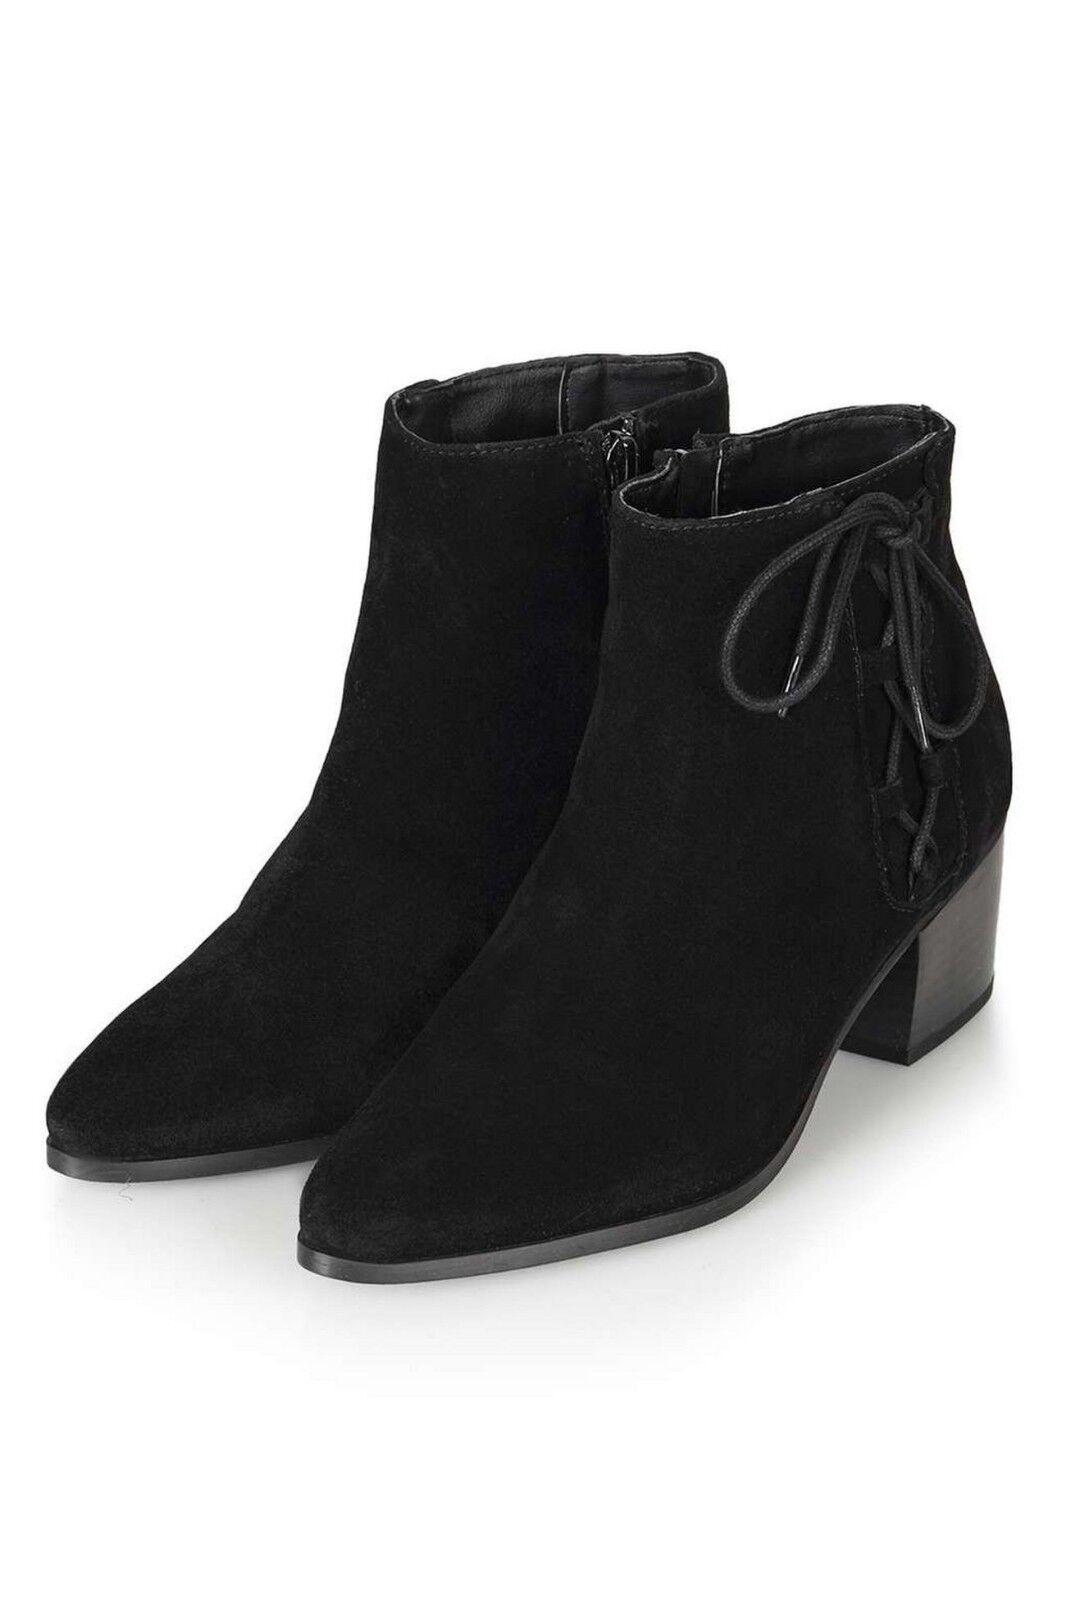 Topshop Camoscio Stivali di Cuoio Delle Donne con Laterali Ghillie Ghillie Ghillie Dettaglio | Acquisti online  | Uomo/Donna Scarpa  81e8e6